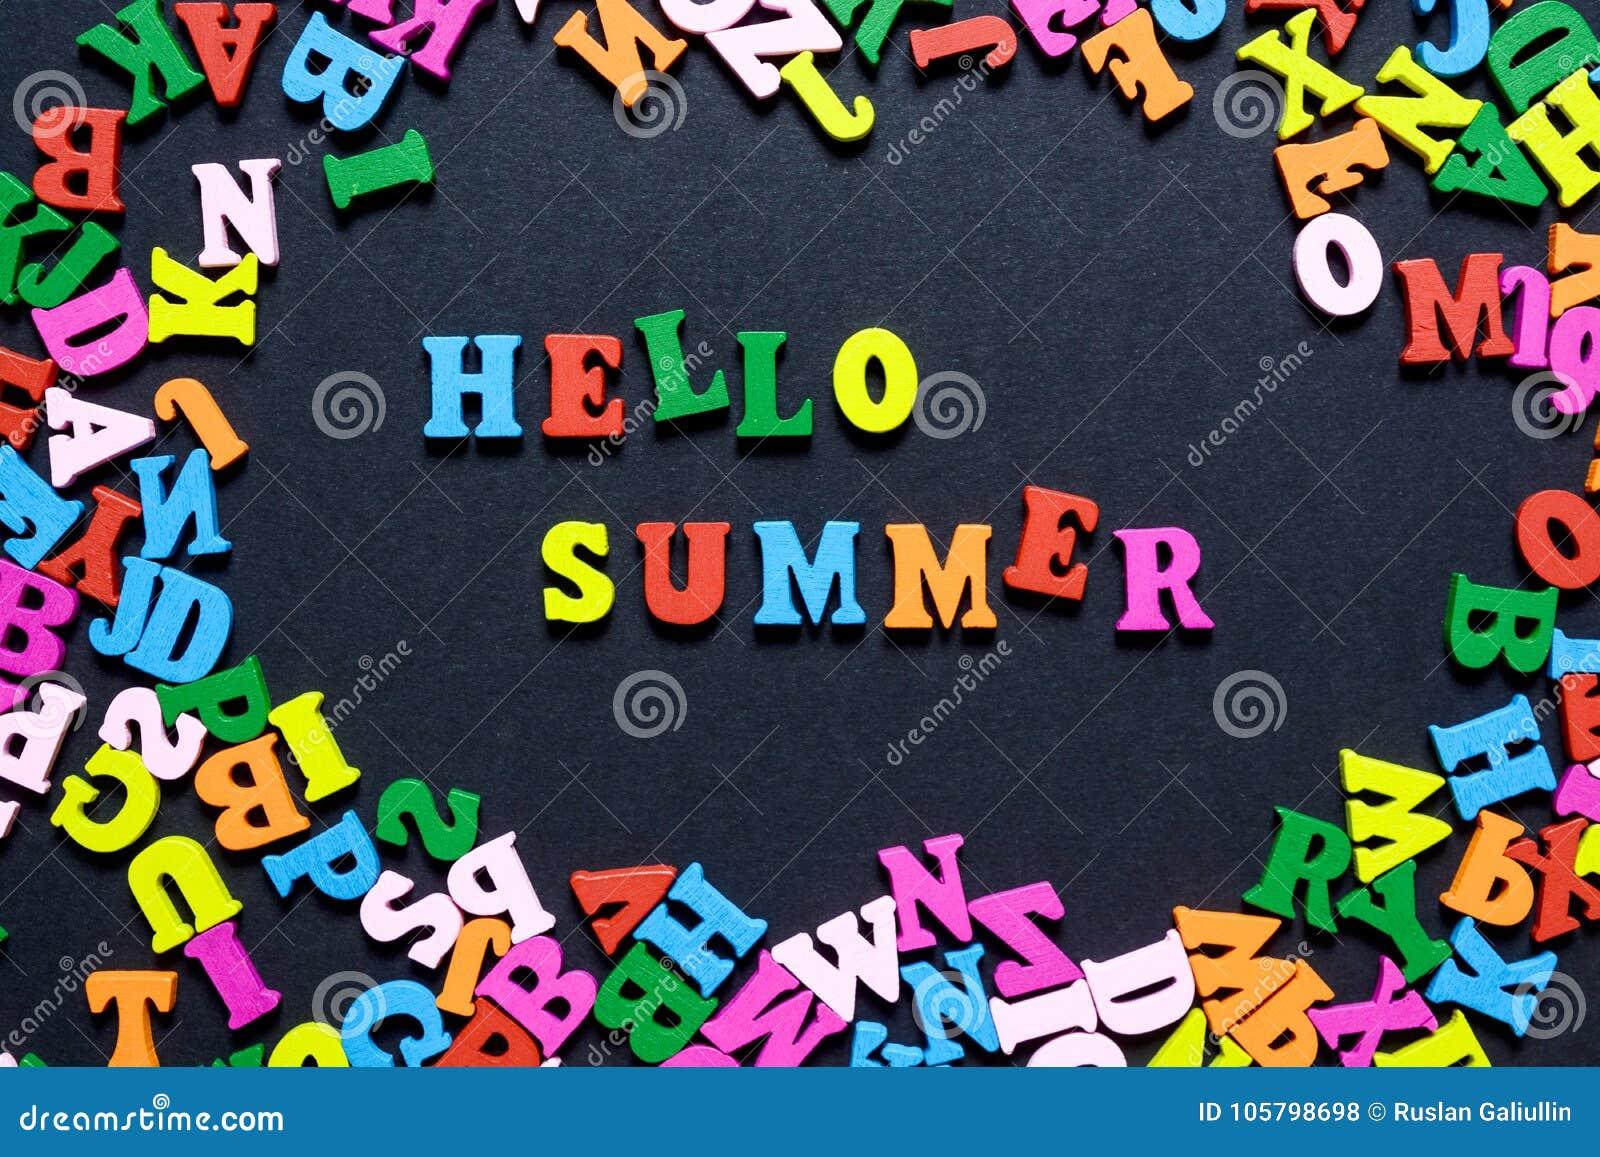 Lettere Di Legno Colorate : Progettazione di massima la parola ciao su estate delle dalle